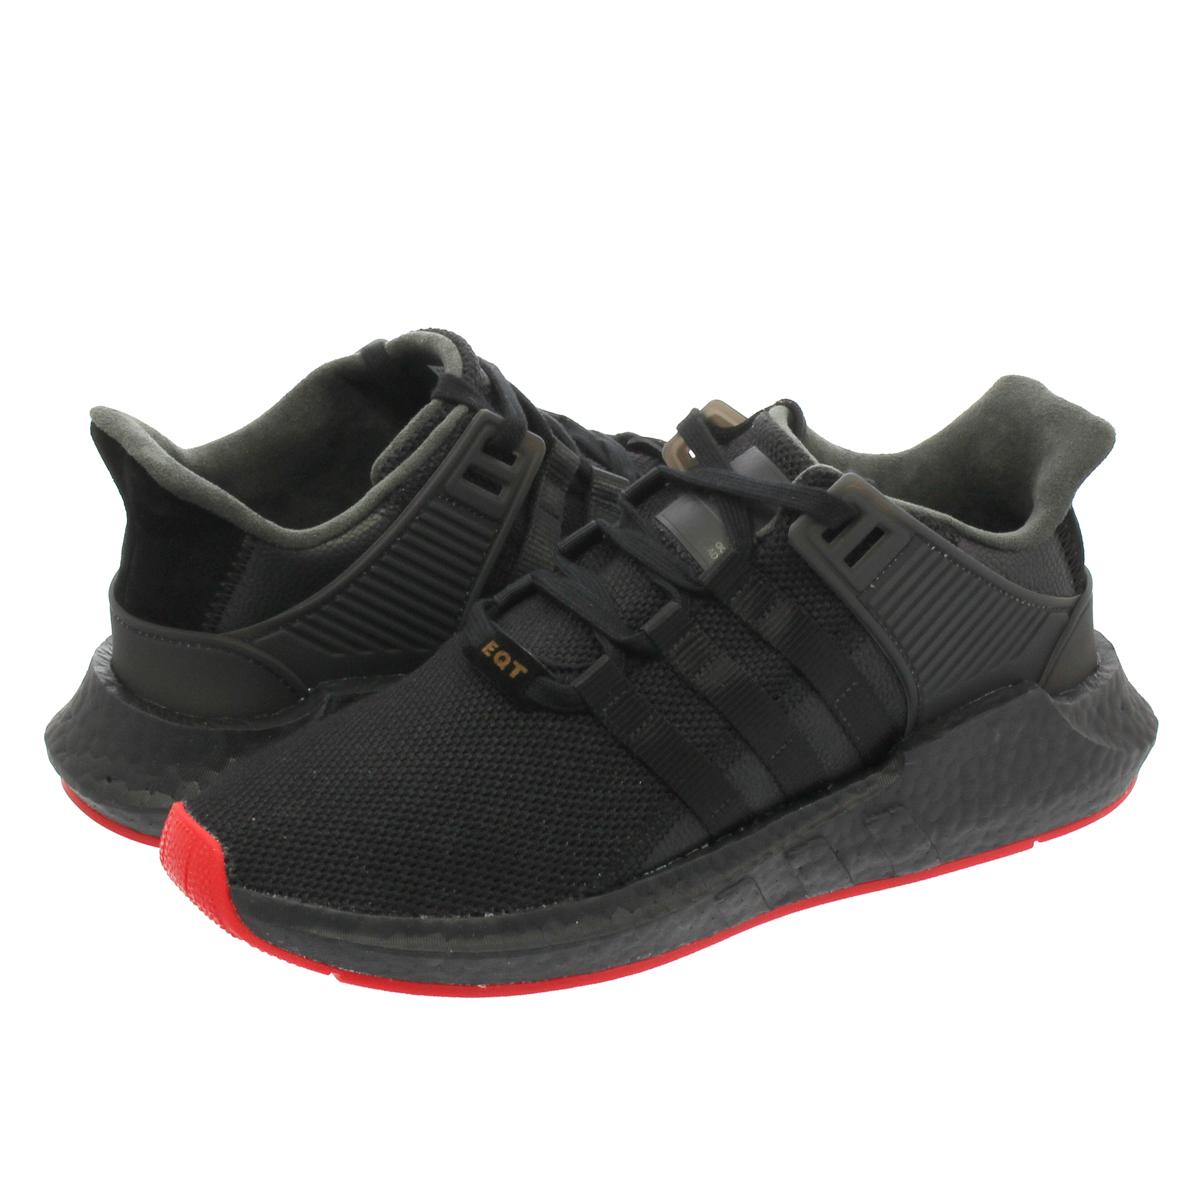 the best attitude 6719e be691 ... canada adidas eqt support 93 17 adidas eqt support 93 17 core black  core black core